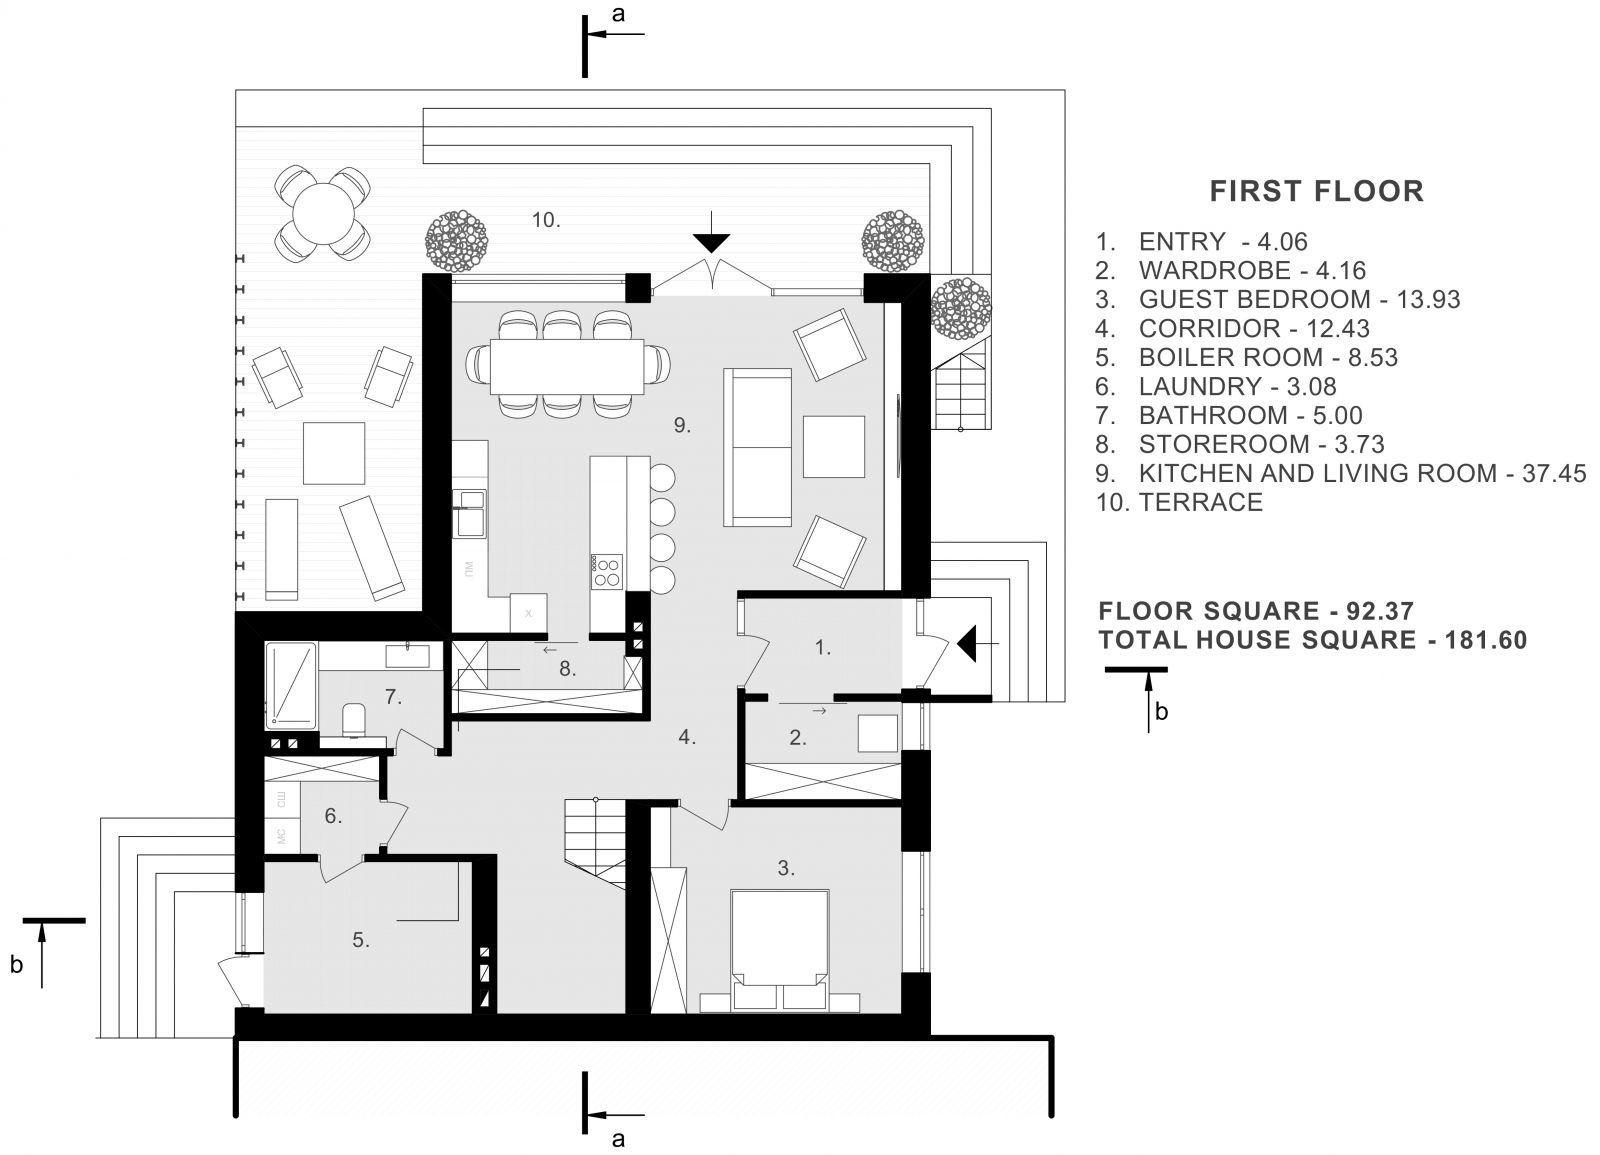 планування першого поверху